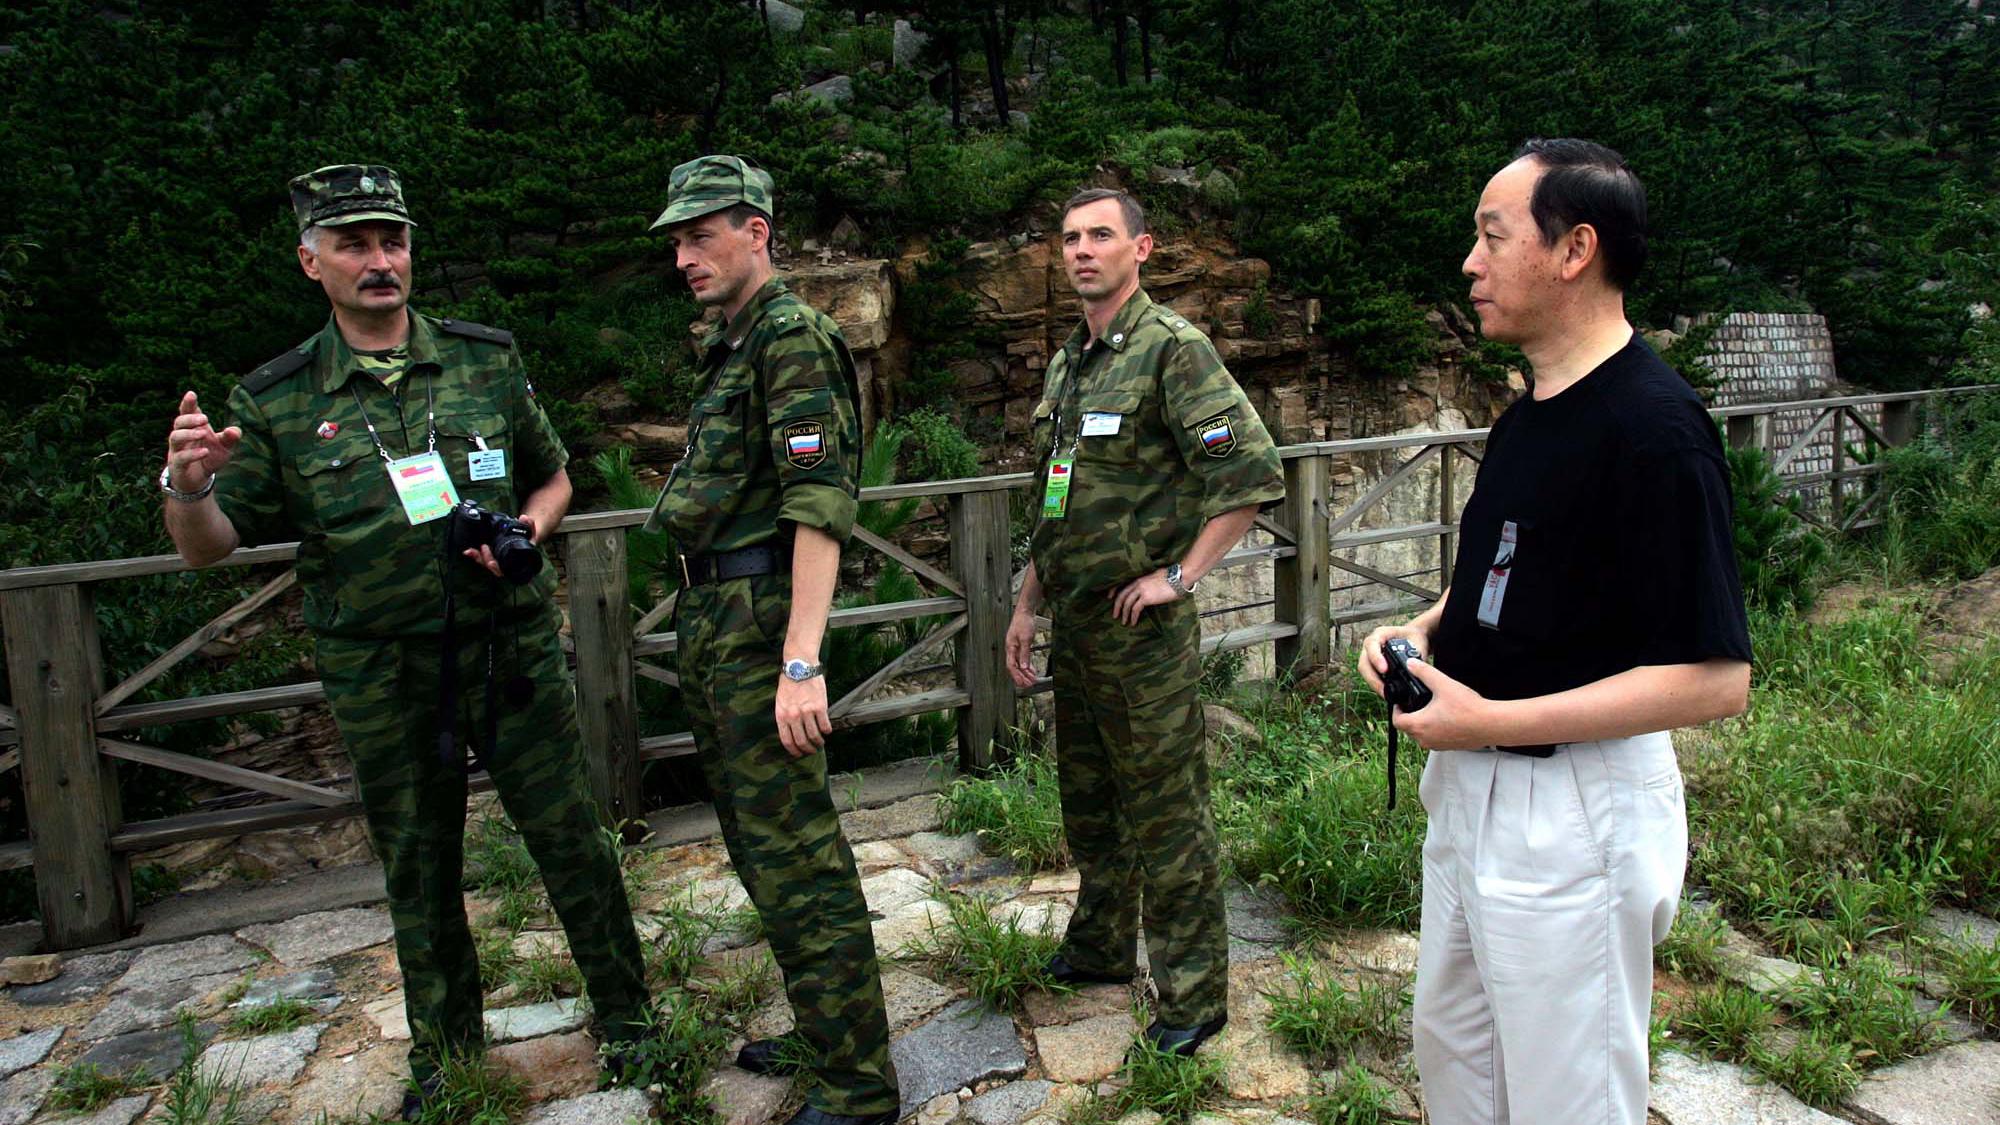 2005年8月,俄中两国首次展开联合军演。图为军演中的俄国士兵在和一名中国男子谈话。(美联社)